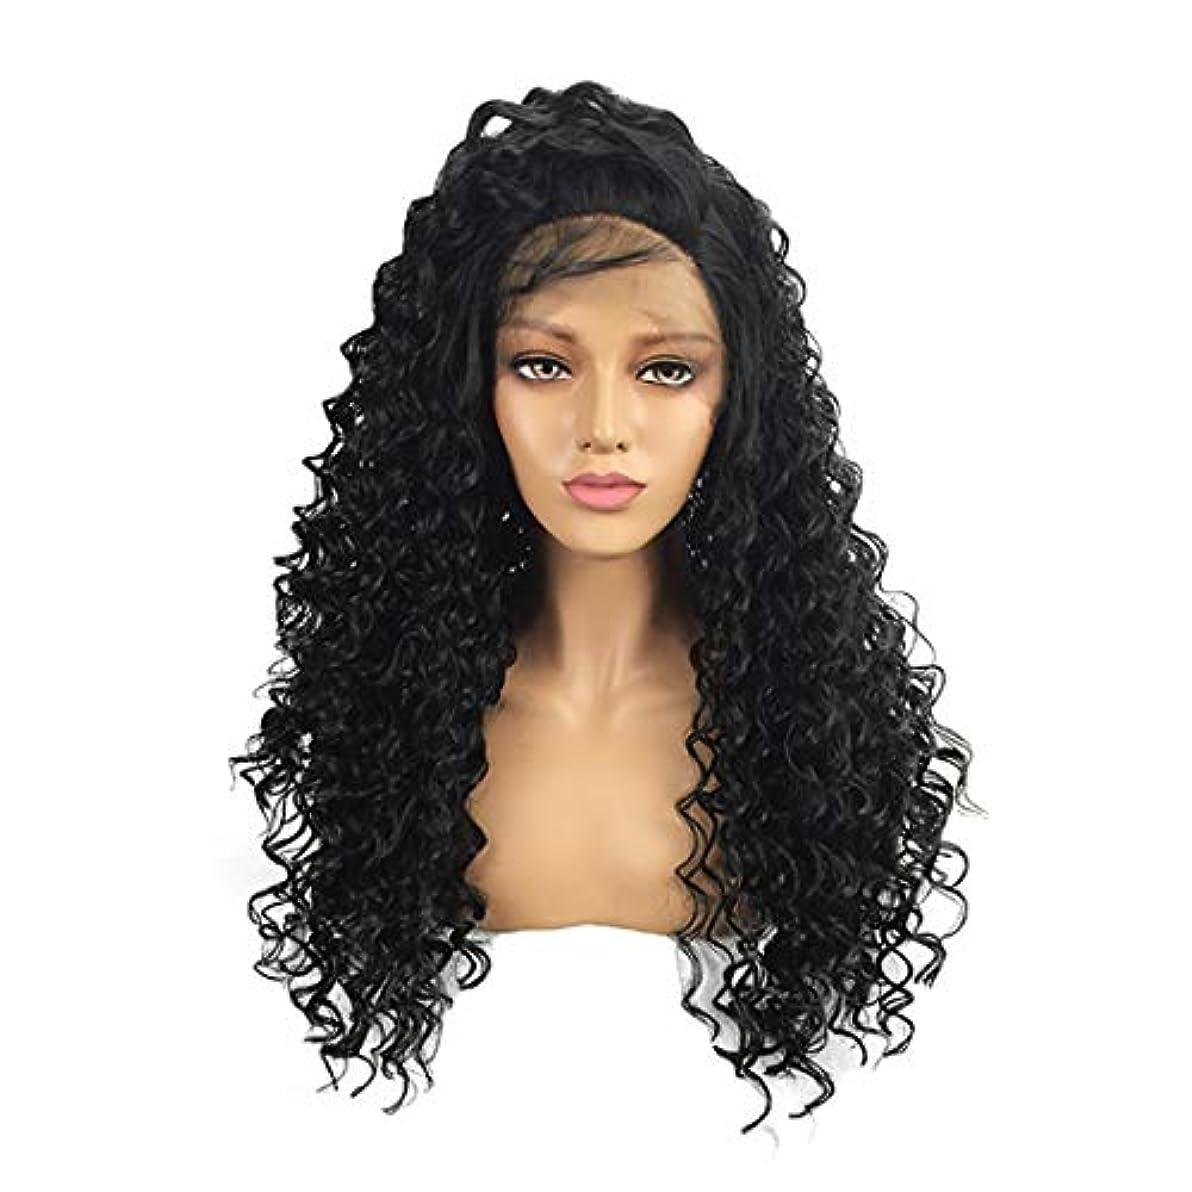 プレートオーナー代わってKoloeplf 黒人女性用レースフロントウィッグカーリーブラックフルウィッグ女性用ナチュラル耐熱性 (Size : 24 inch)